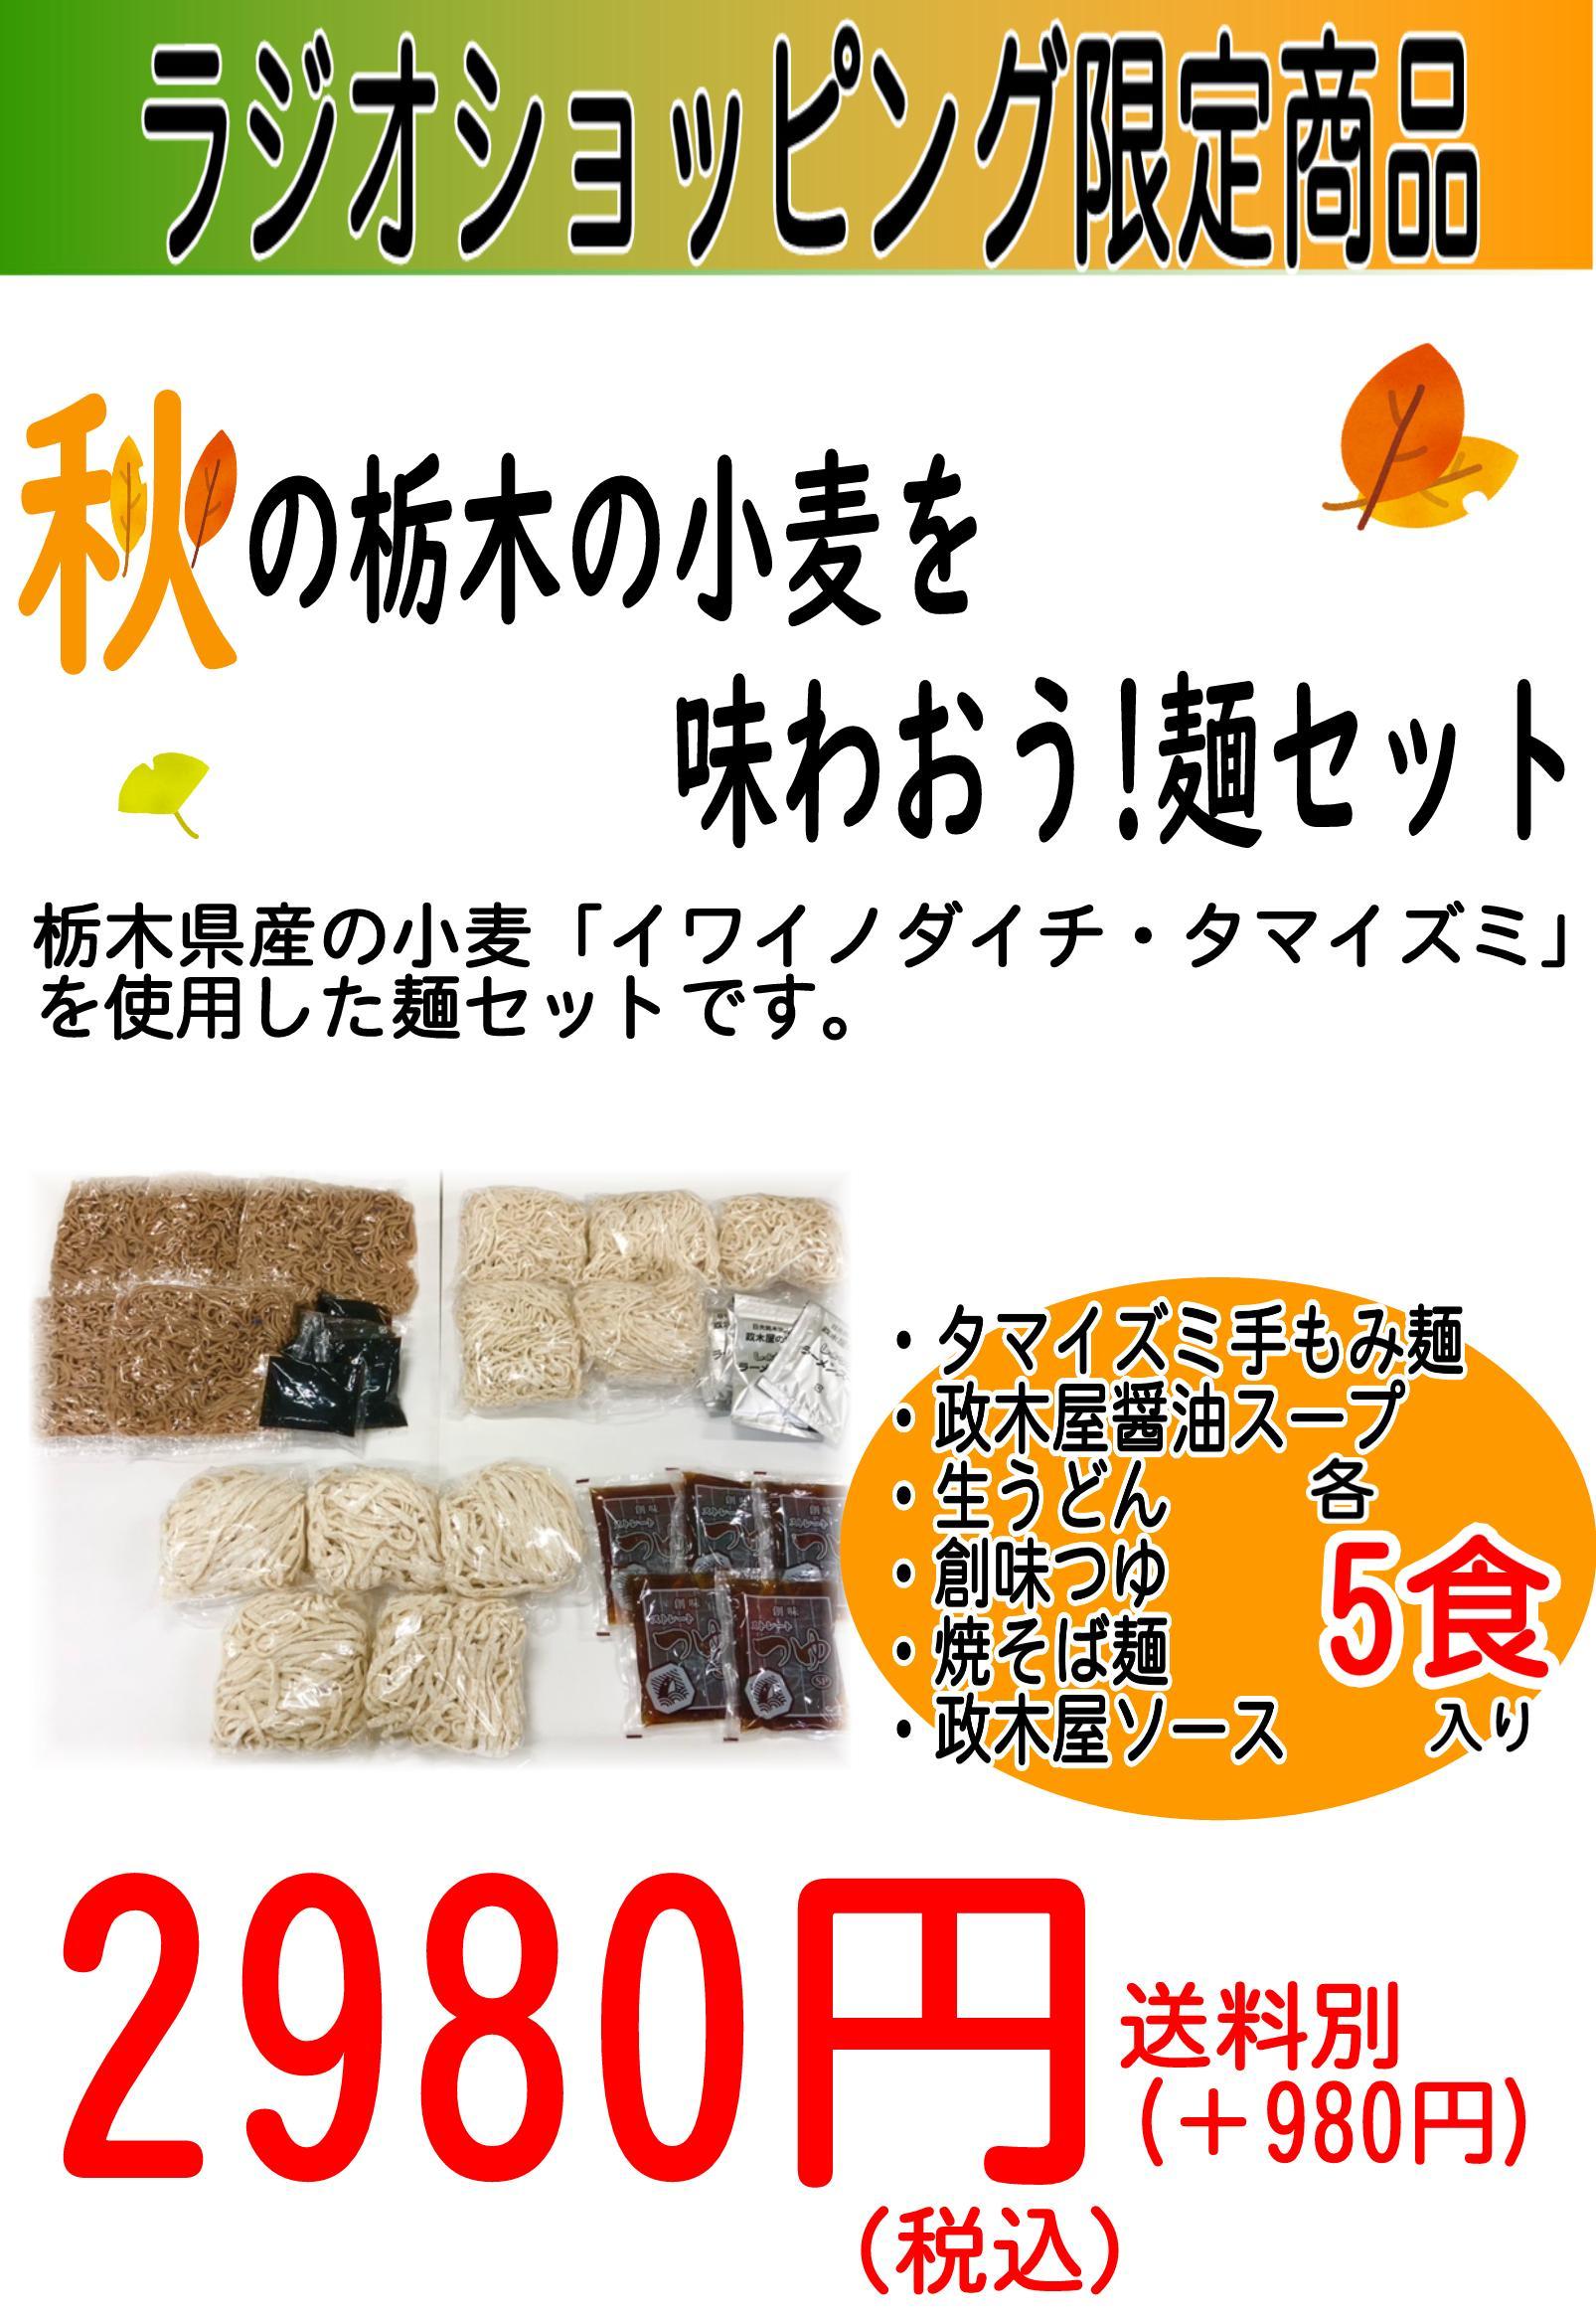 秋の栃木の小麦を味わおう!麺セット